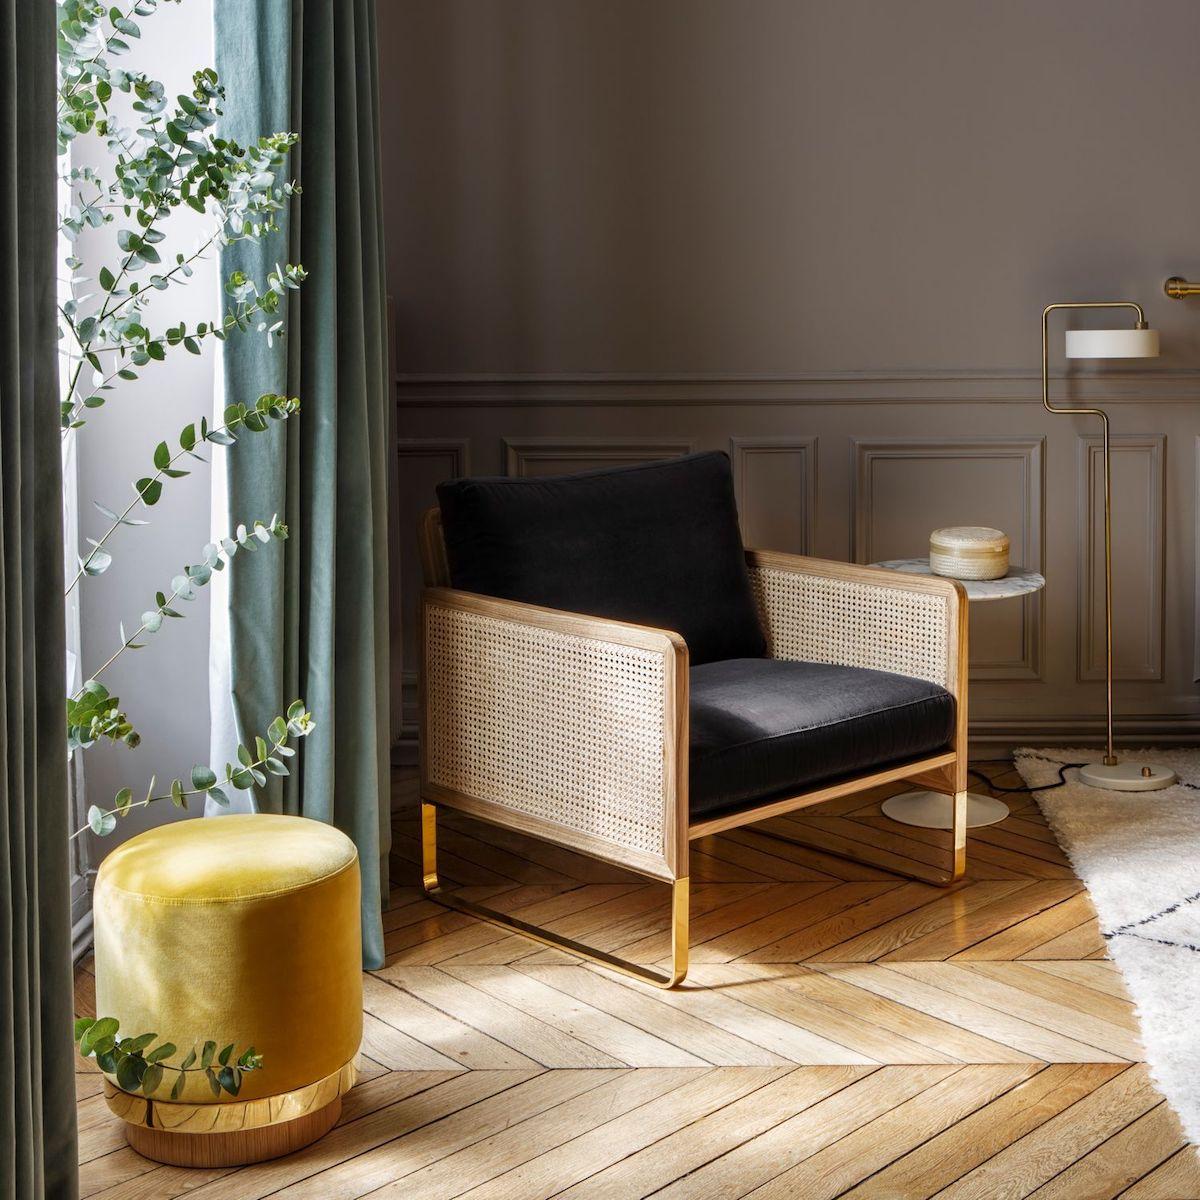 salon élégant parquet chevron bois pouf jaune velours laiton fauteuil noir cannage